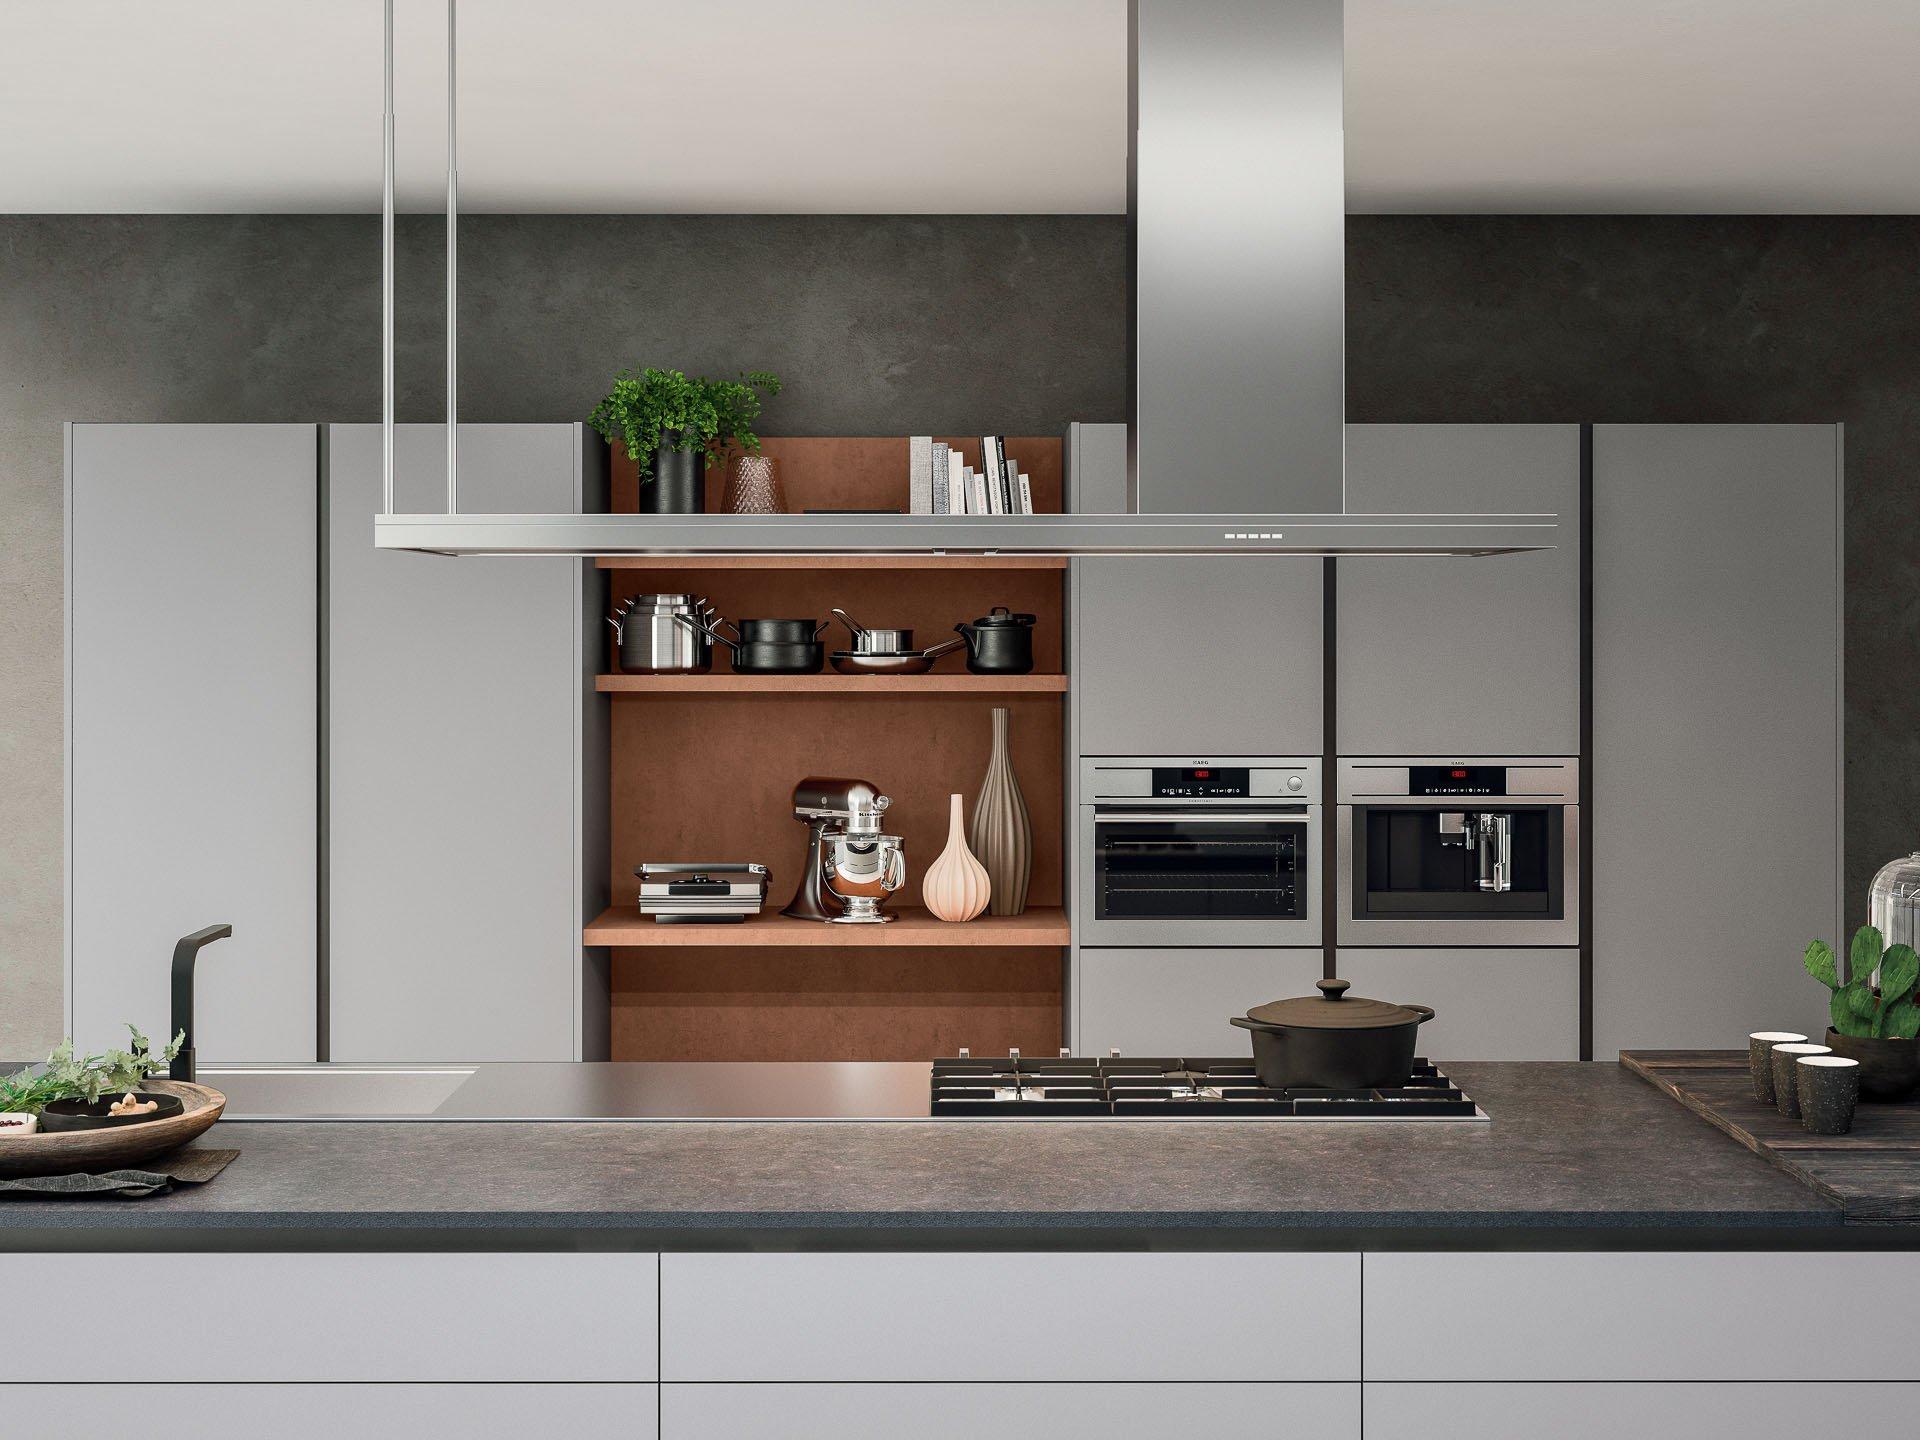 Cucine classiche e moderne savona casa del mobile cucine zecchinon - Cucine zecchinon ...